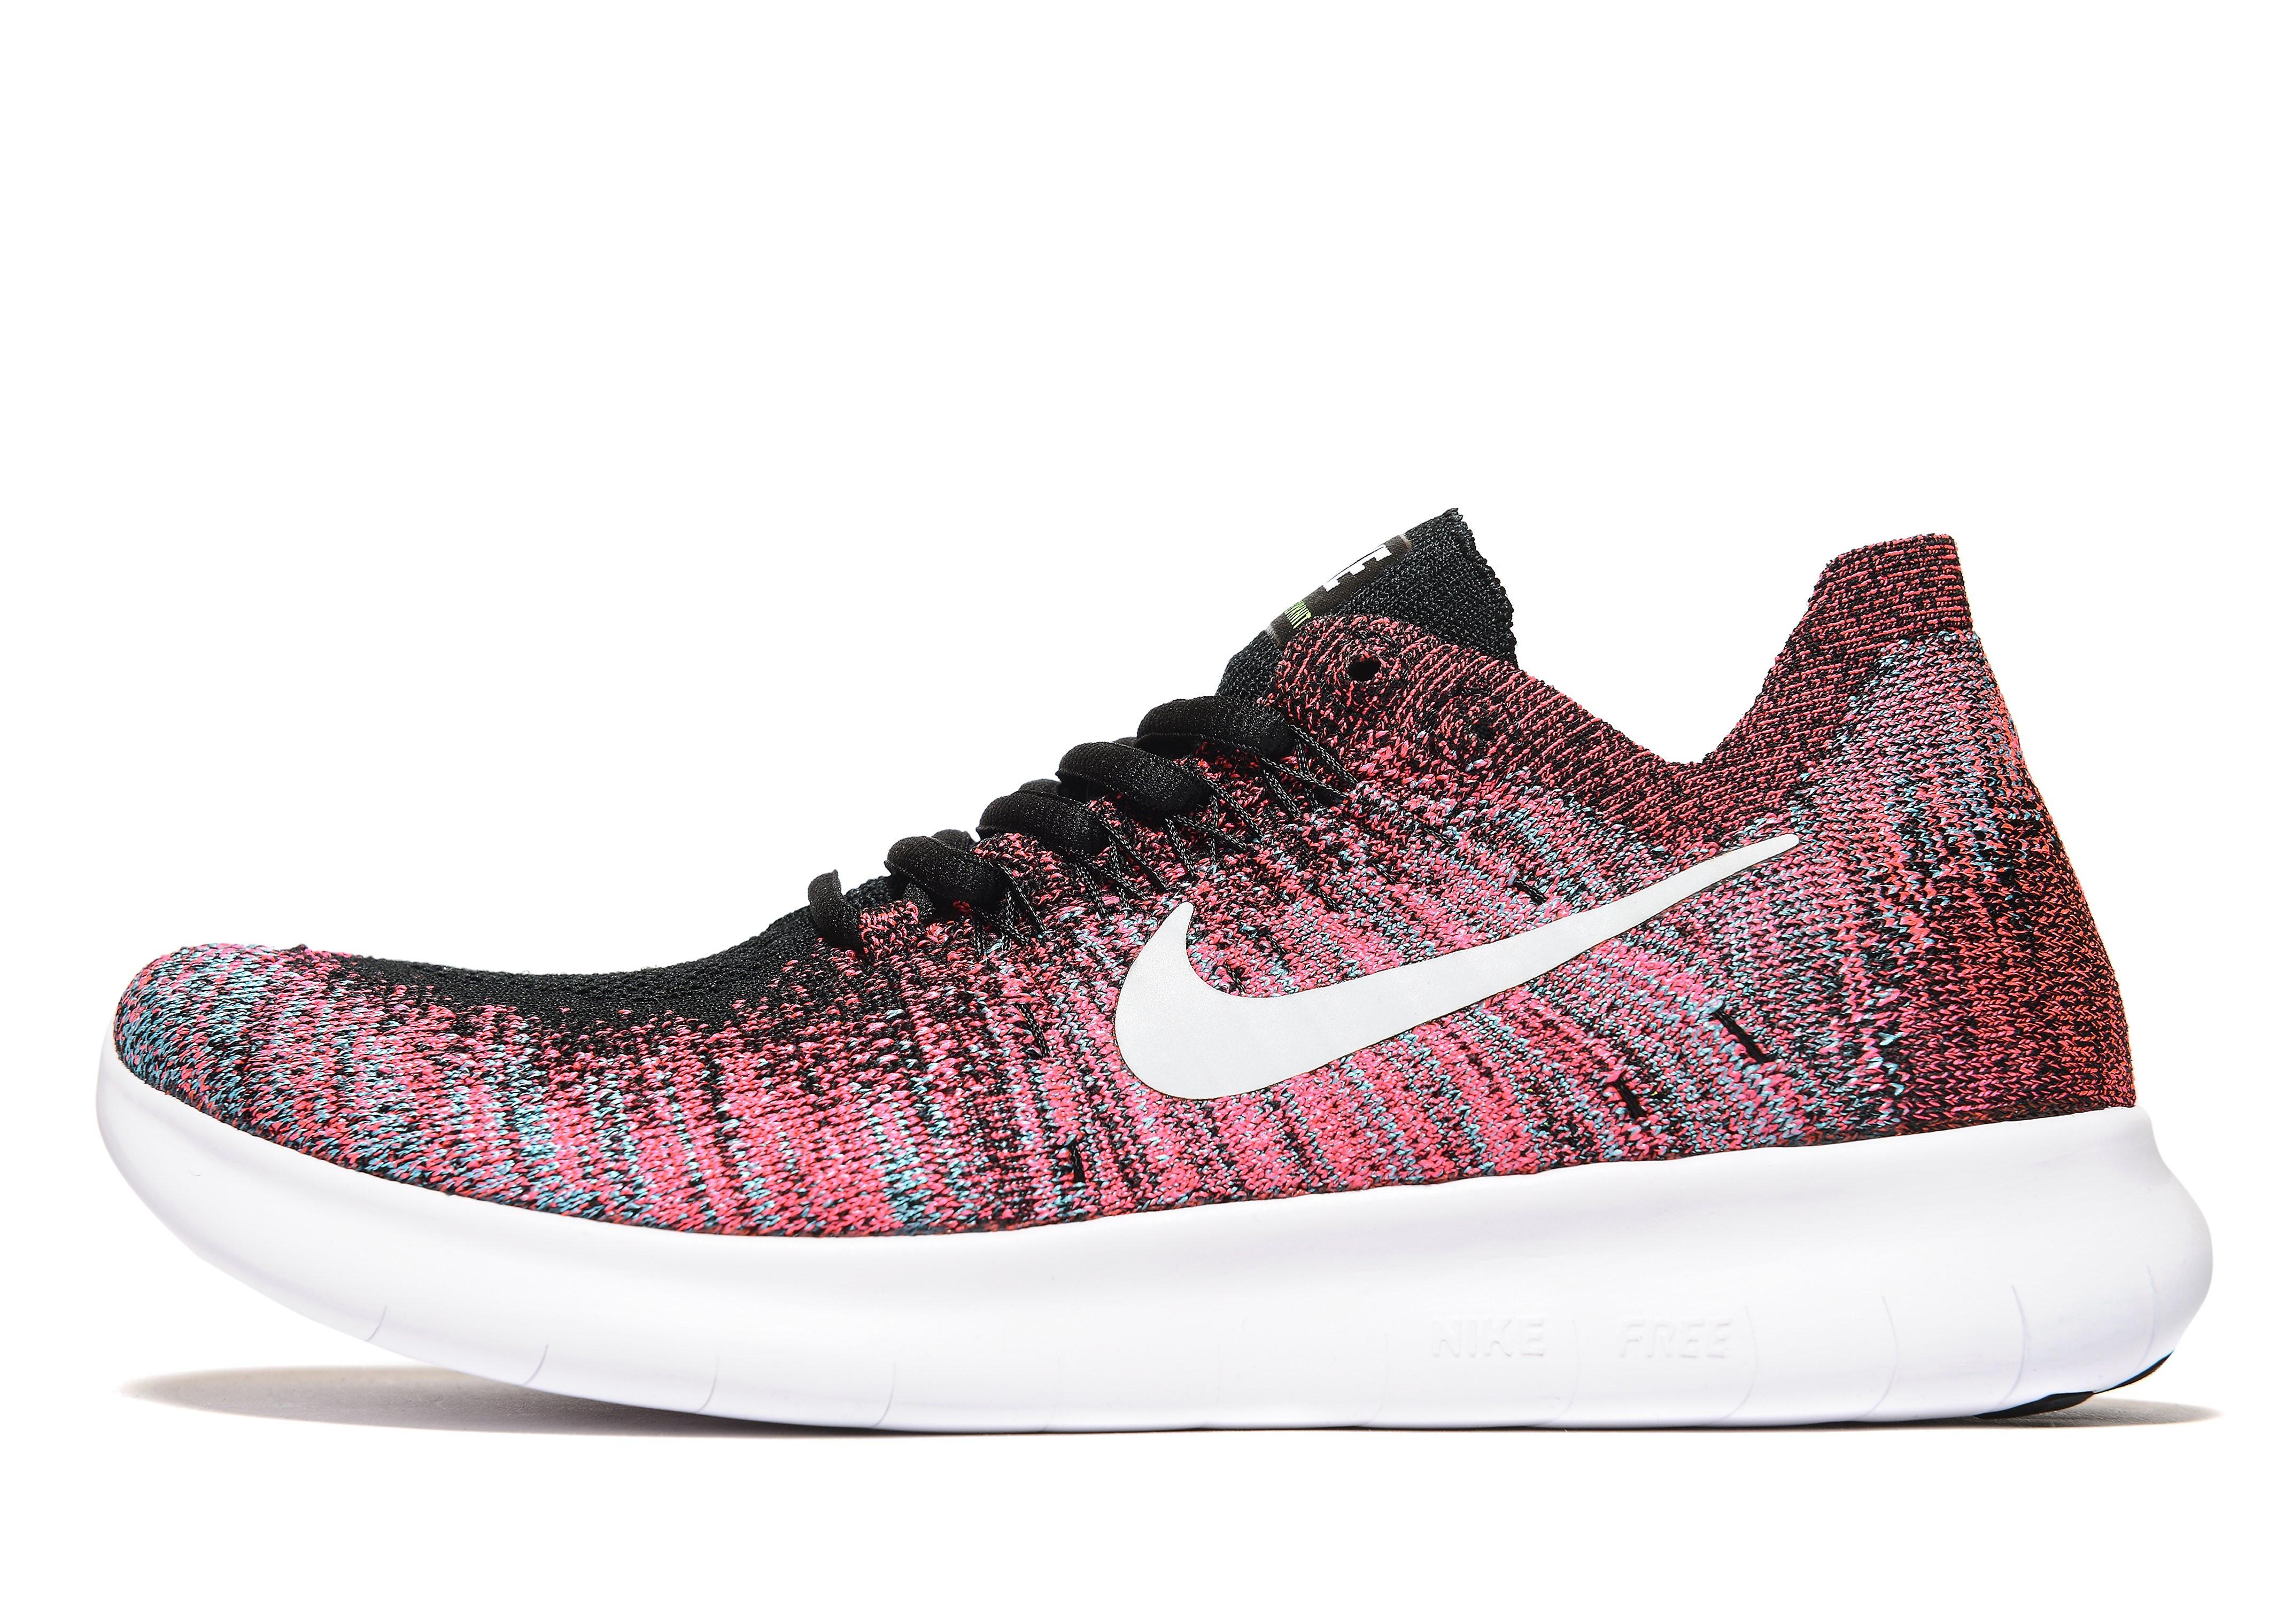 Nike Free RN Flyknit 2.0 Femme